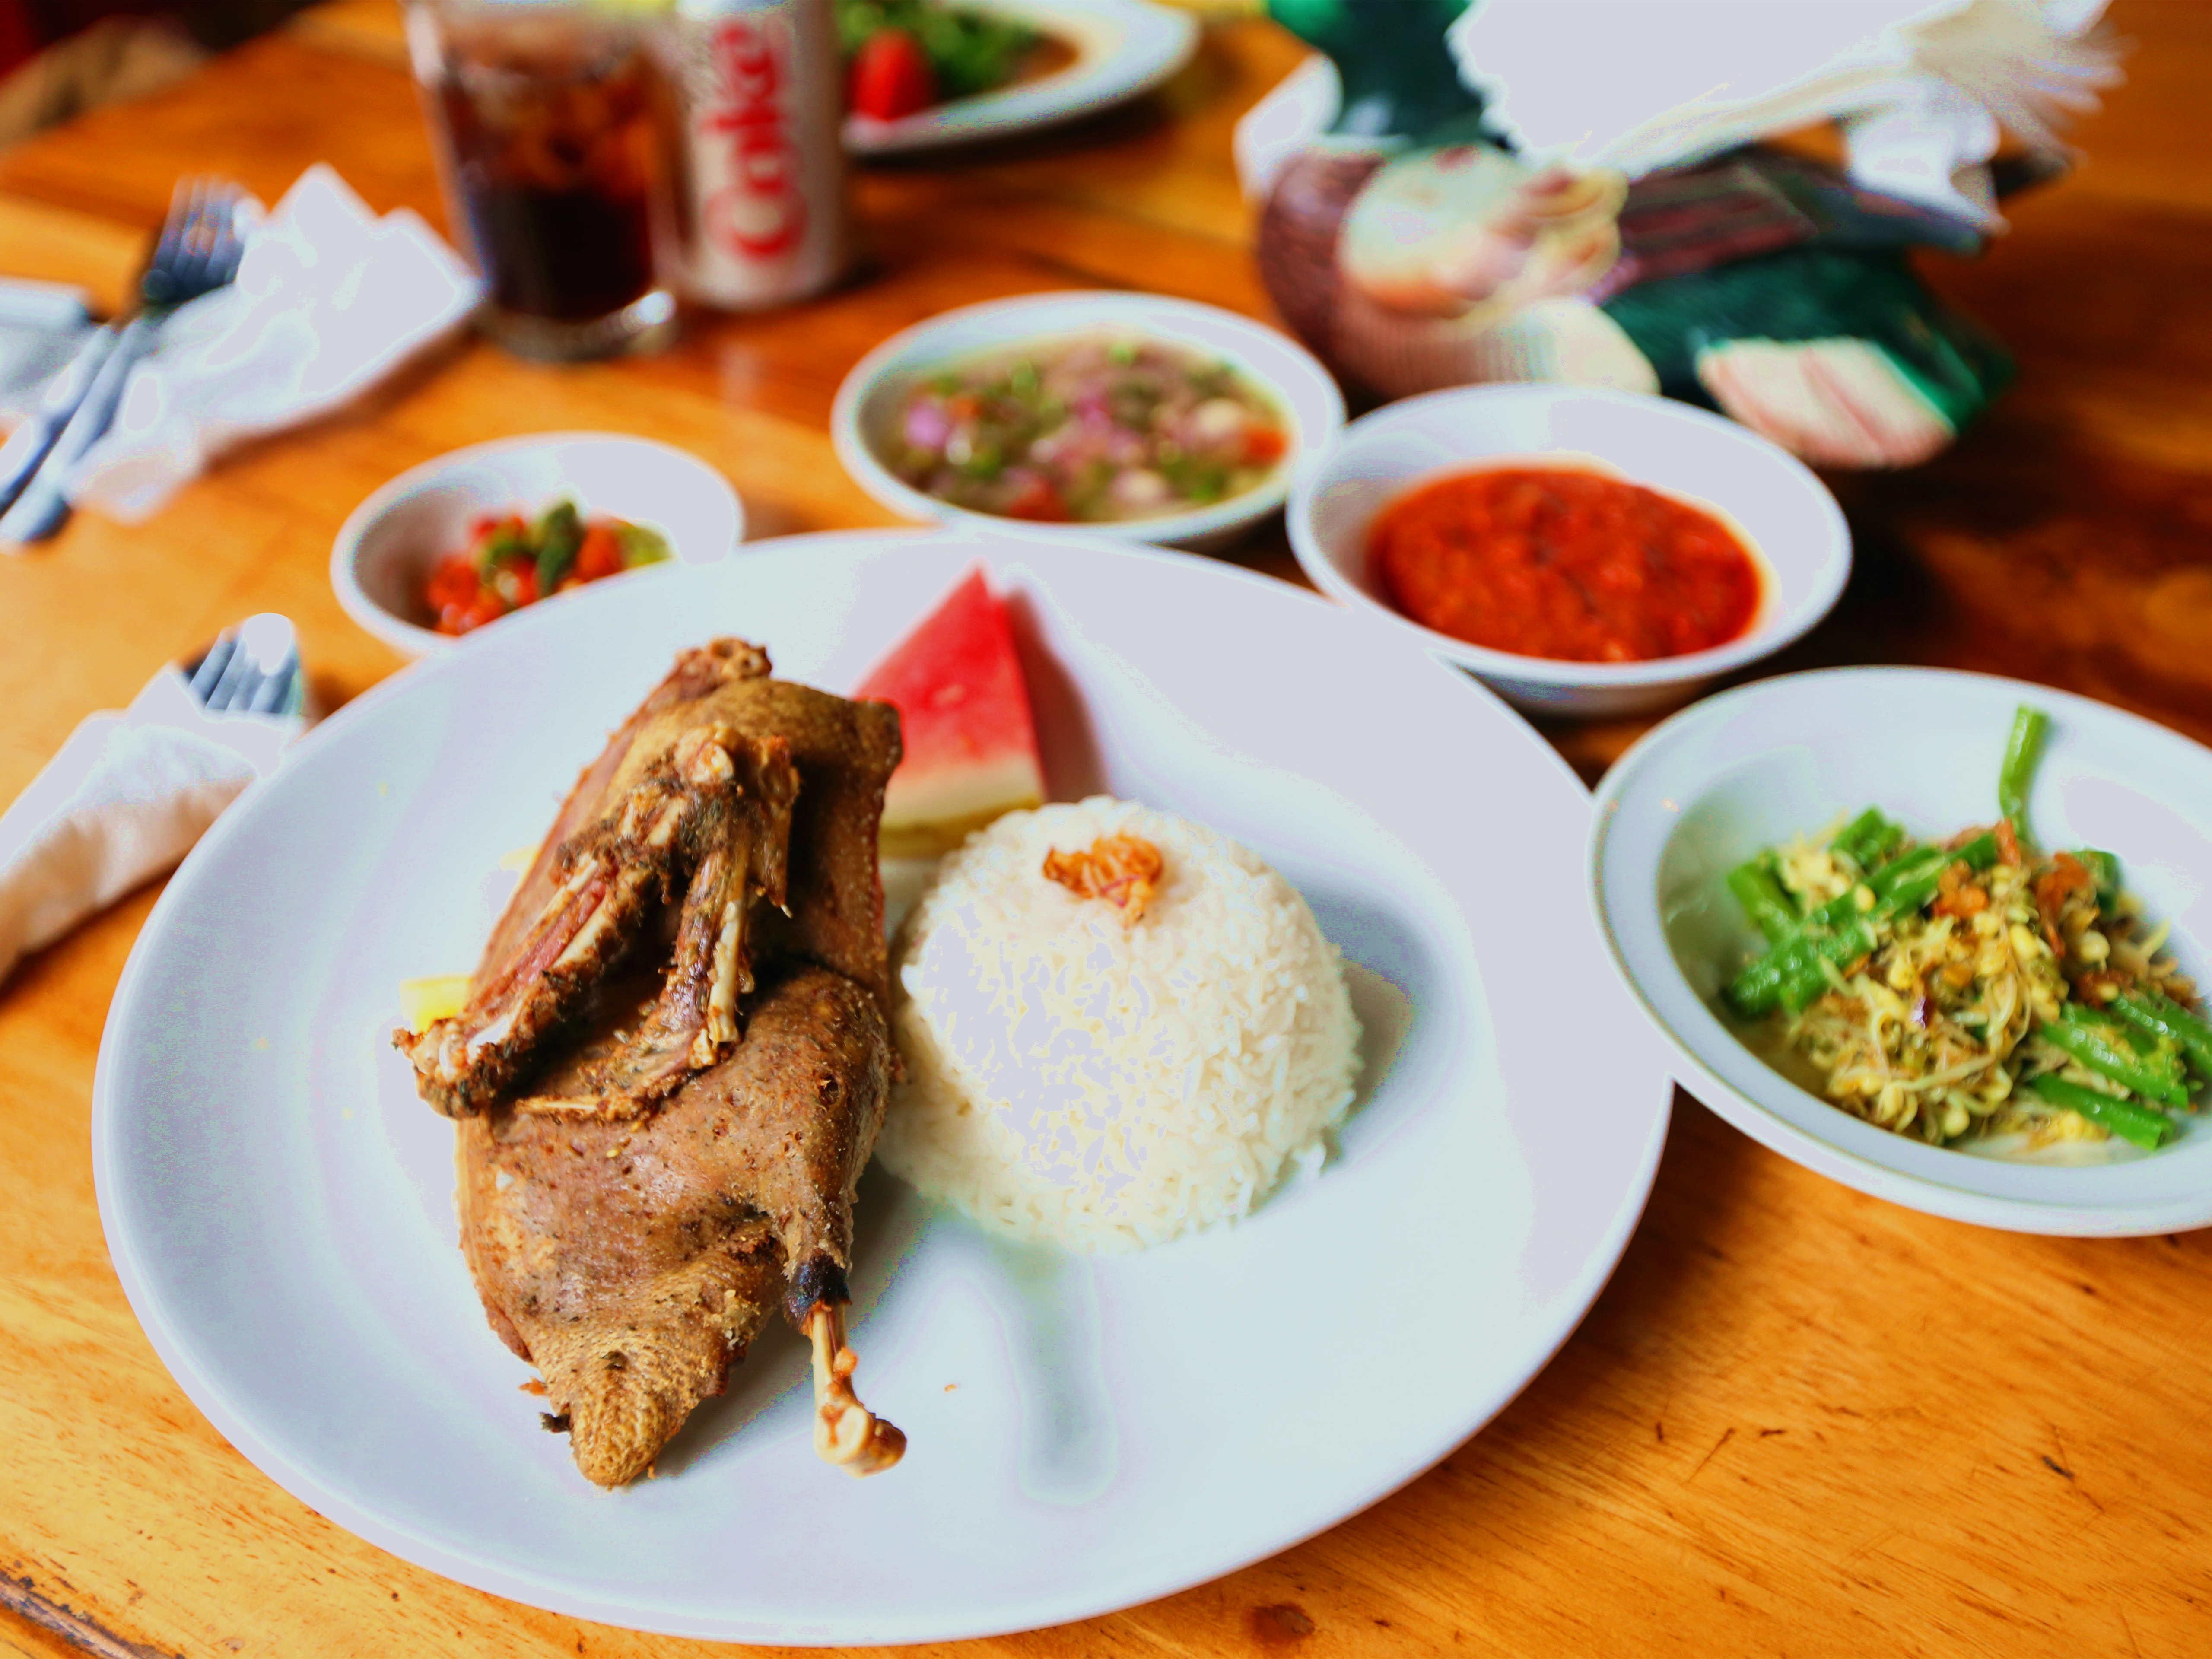 【特色餐饮】巴厘岛bebek bengil脏鸭餐(乌布/努沙杜阿)